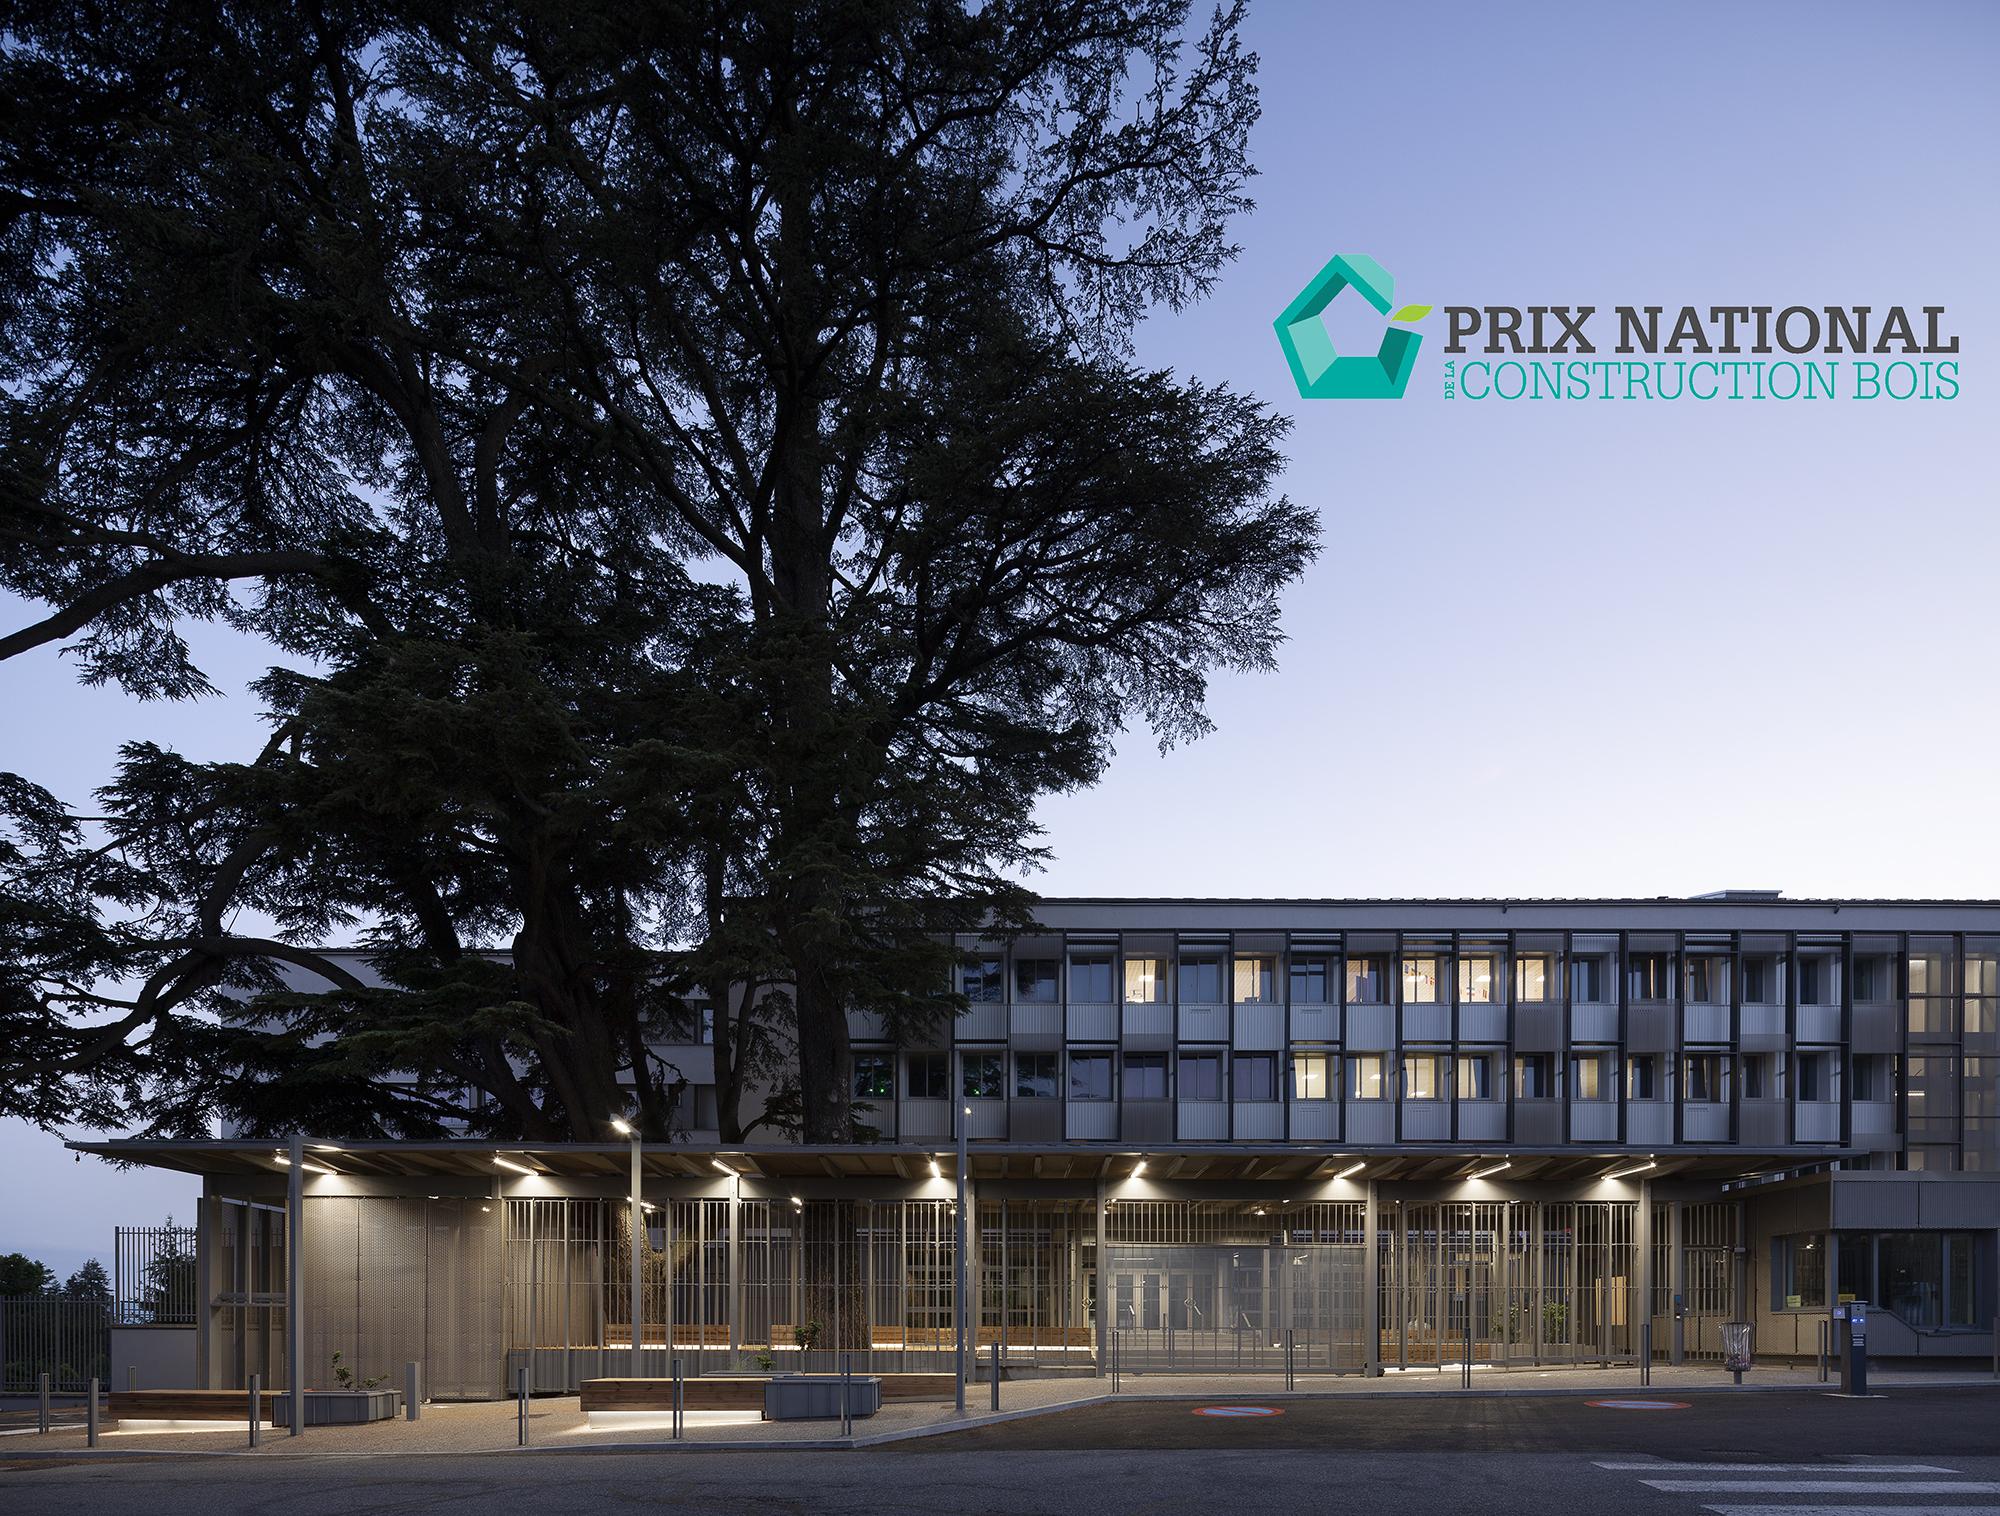 Le lycée Paul Héraud à Gap | Lauréat du Prix national de la construction bois | Catégorie Aménagement extérieur